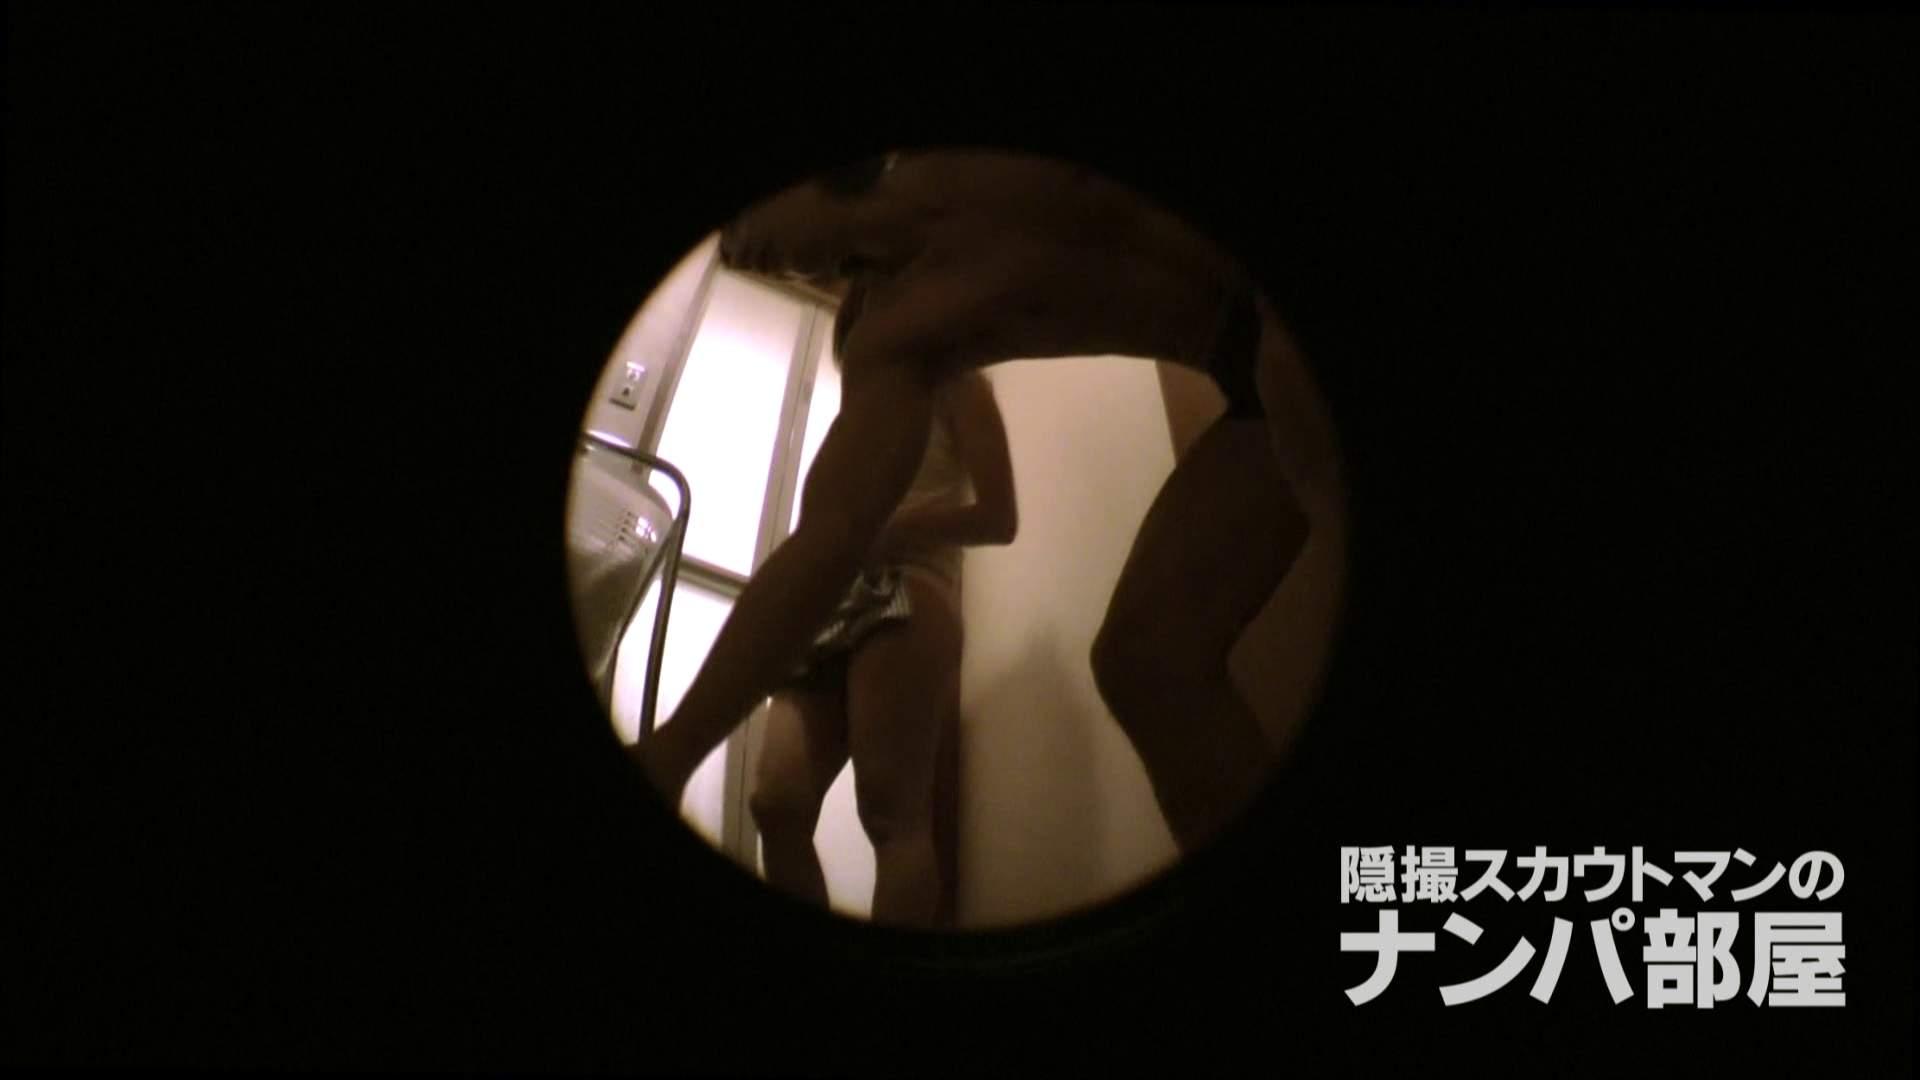 隠撮スカウトマンのナンパ部屋~風俗デビュー前のつまみ食い~ siivol.3 ナンパ 盗み撮り動画 55連発 47